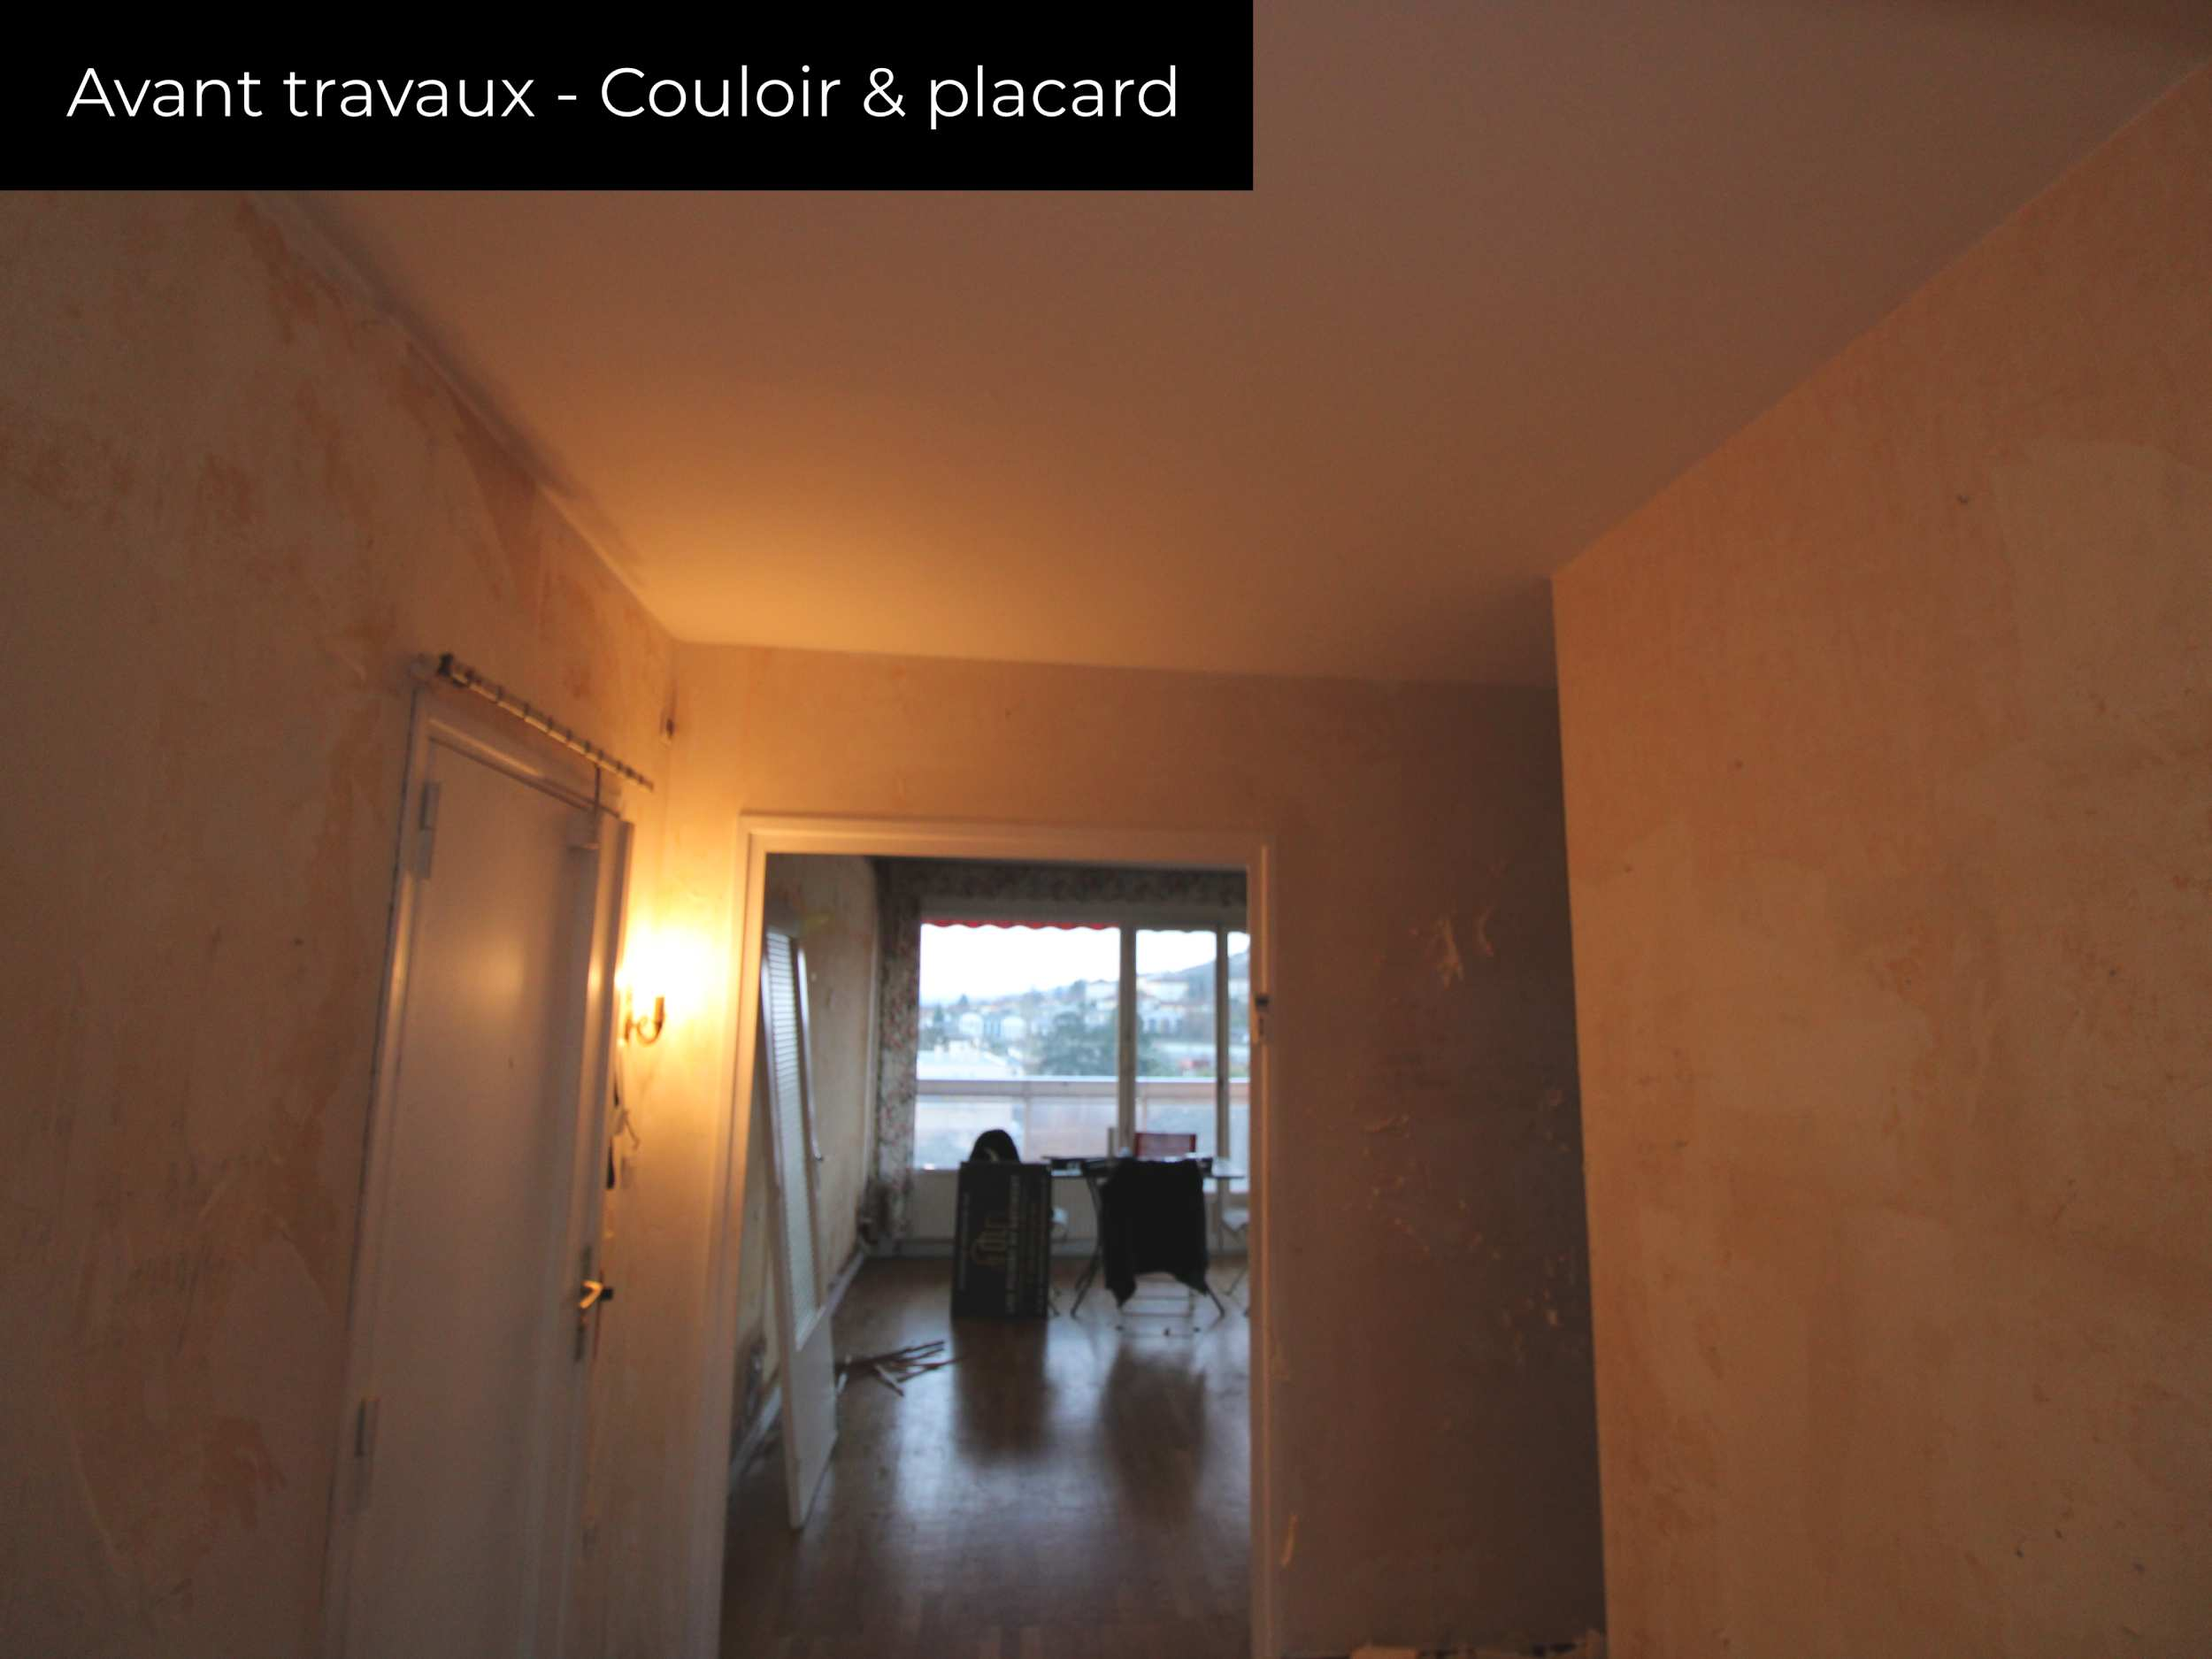 renovation-appartement-lyon-couloir-placard-avant-3